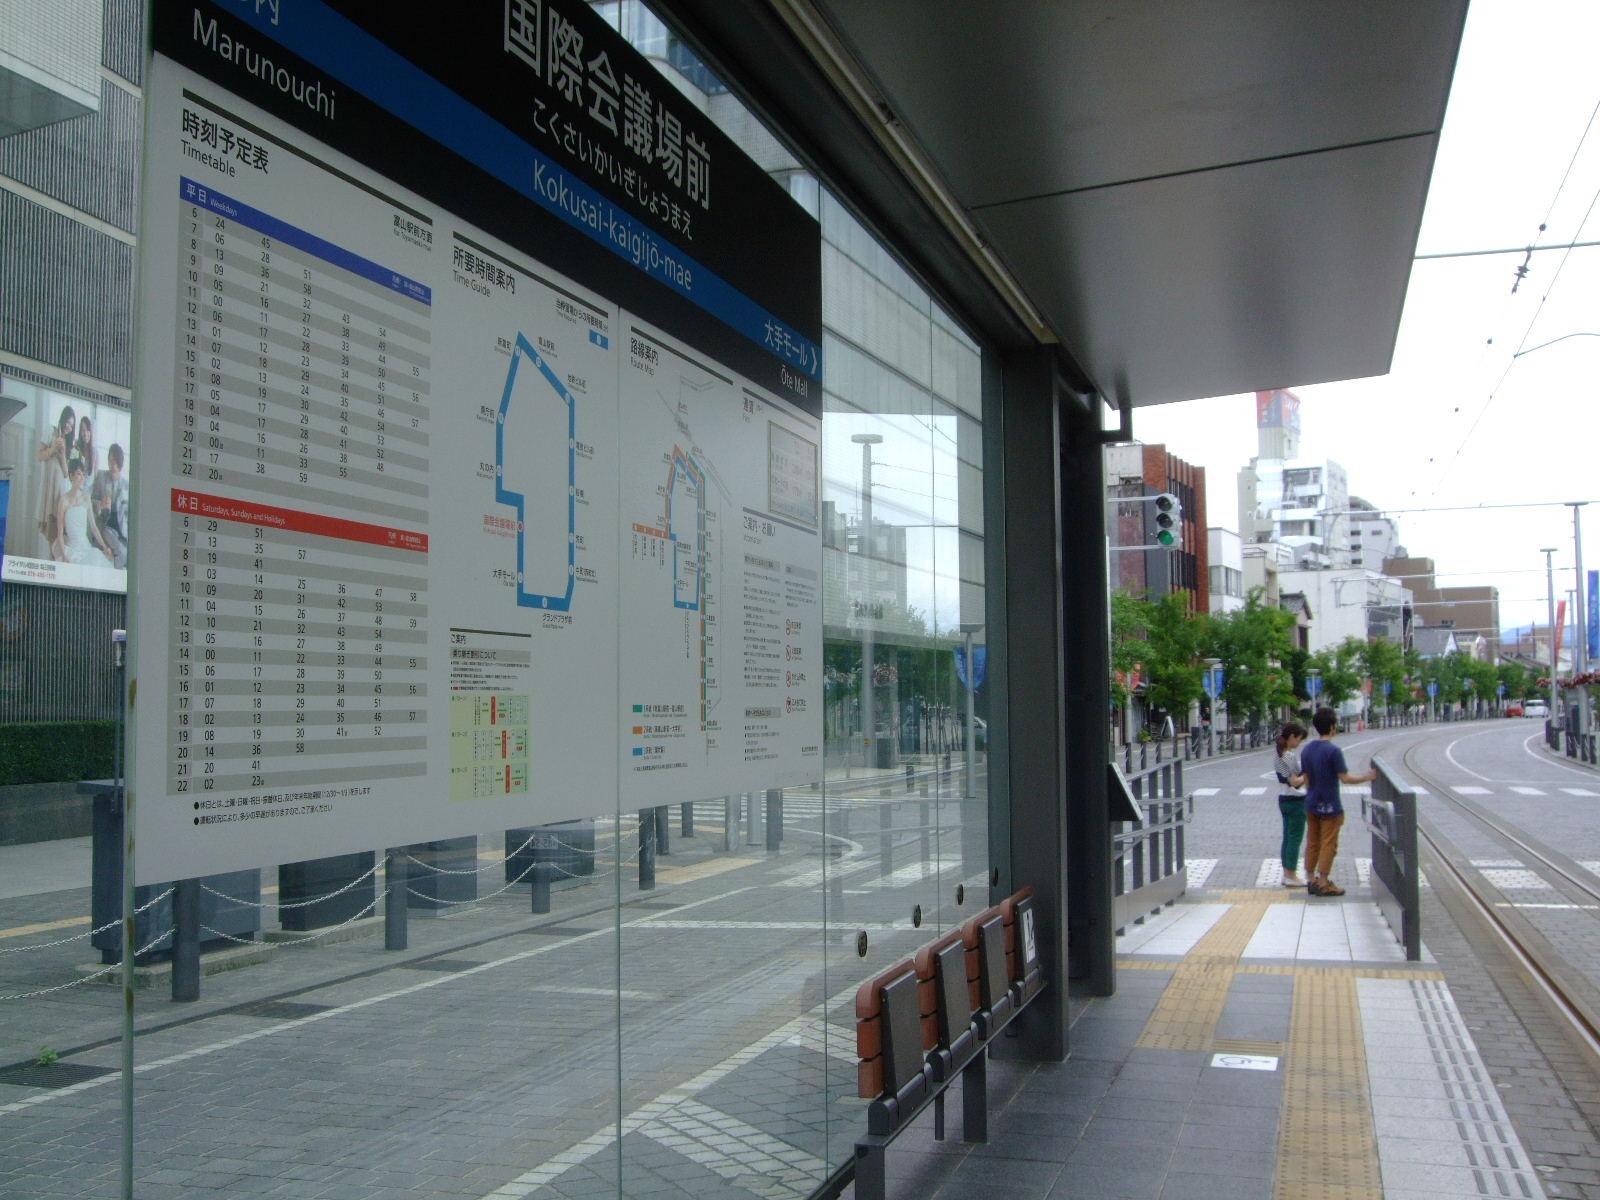 第11話 富山地方鉄道の市内電車に乗ってみる_f0100593_11471516.jpg